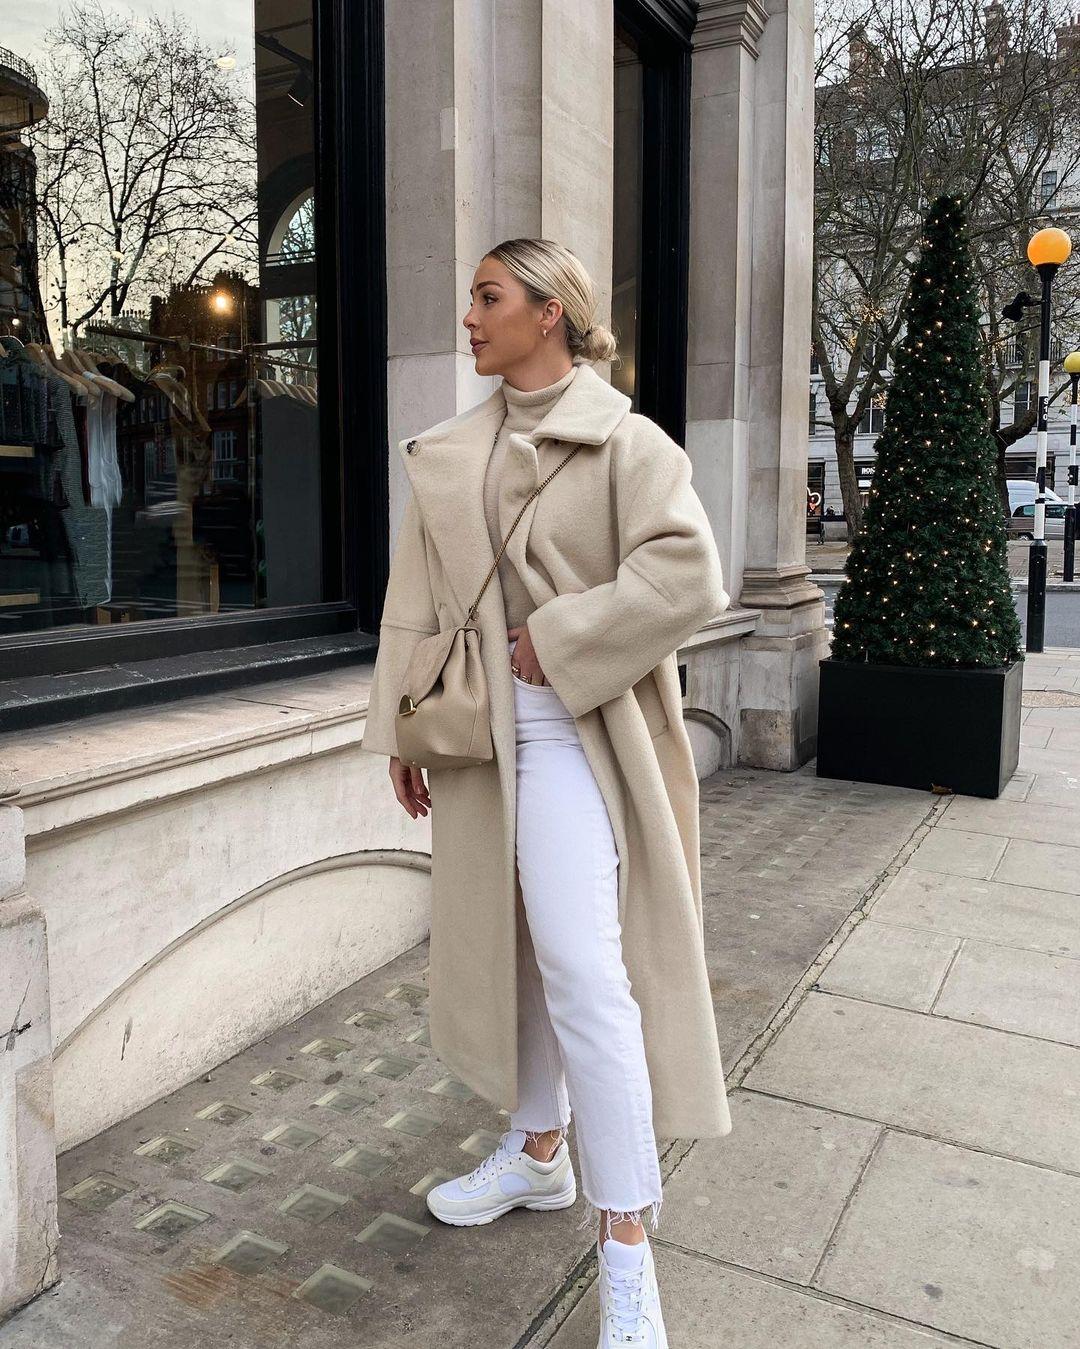 Cómo llevar pantalones blancos en invierno